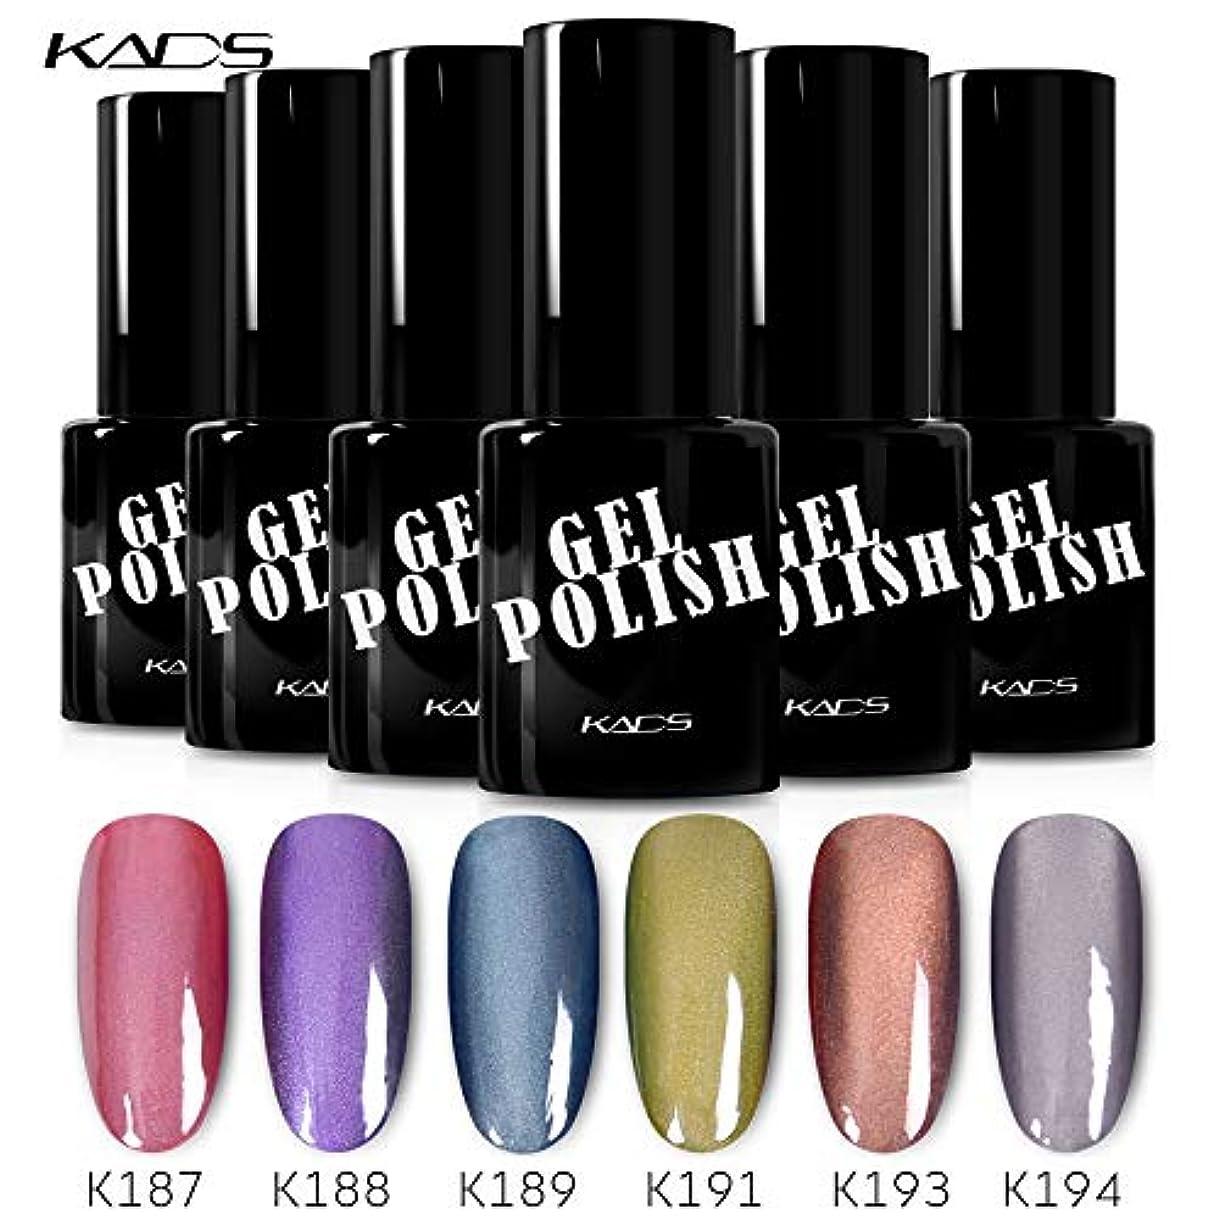 住むに向けて出発十代KADS カラージェル 6色入り キャッツアイジェルネイル グリーン/ピンク/グレー カラーポリッシュ UV/LED対応 艶長持ち